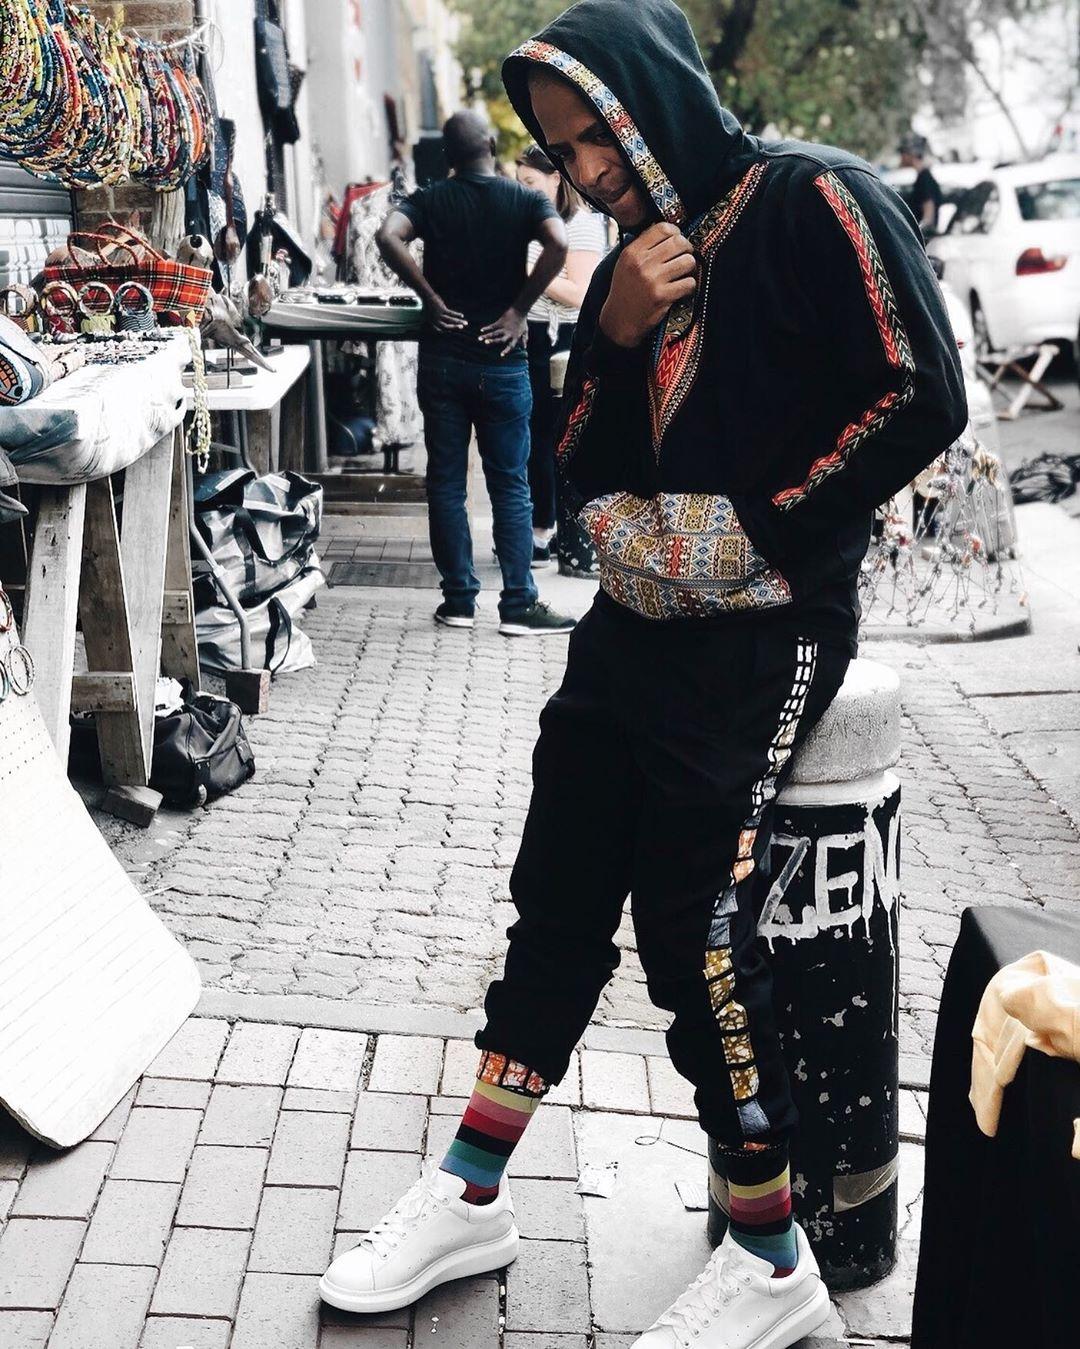 """Yuri Da Cunha - Sim é o Yuri Da Cunha! Um simples fato de treino com muitas cores, vários toques e detalhes de padrão africano… """"Mambo Rijo !""""Foto: @prince.agete"""